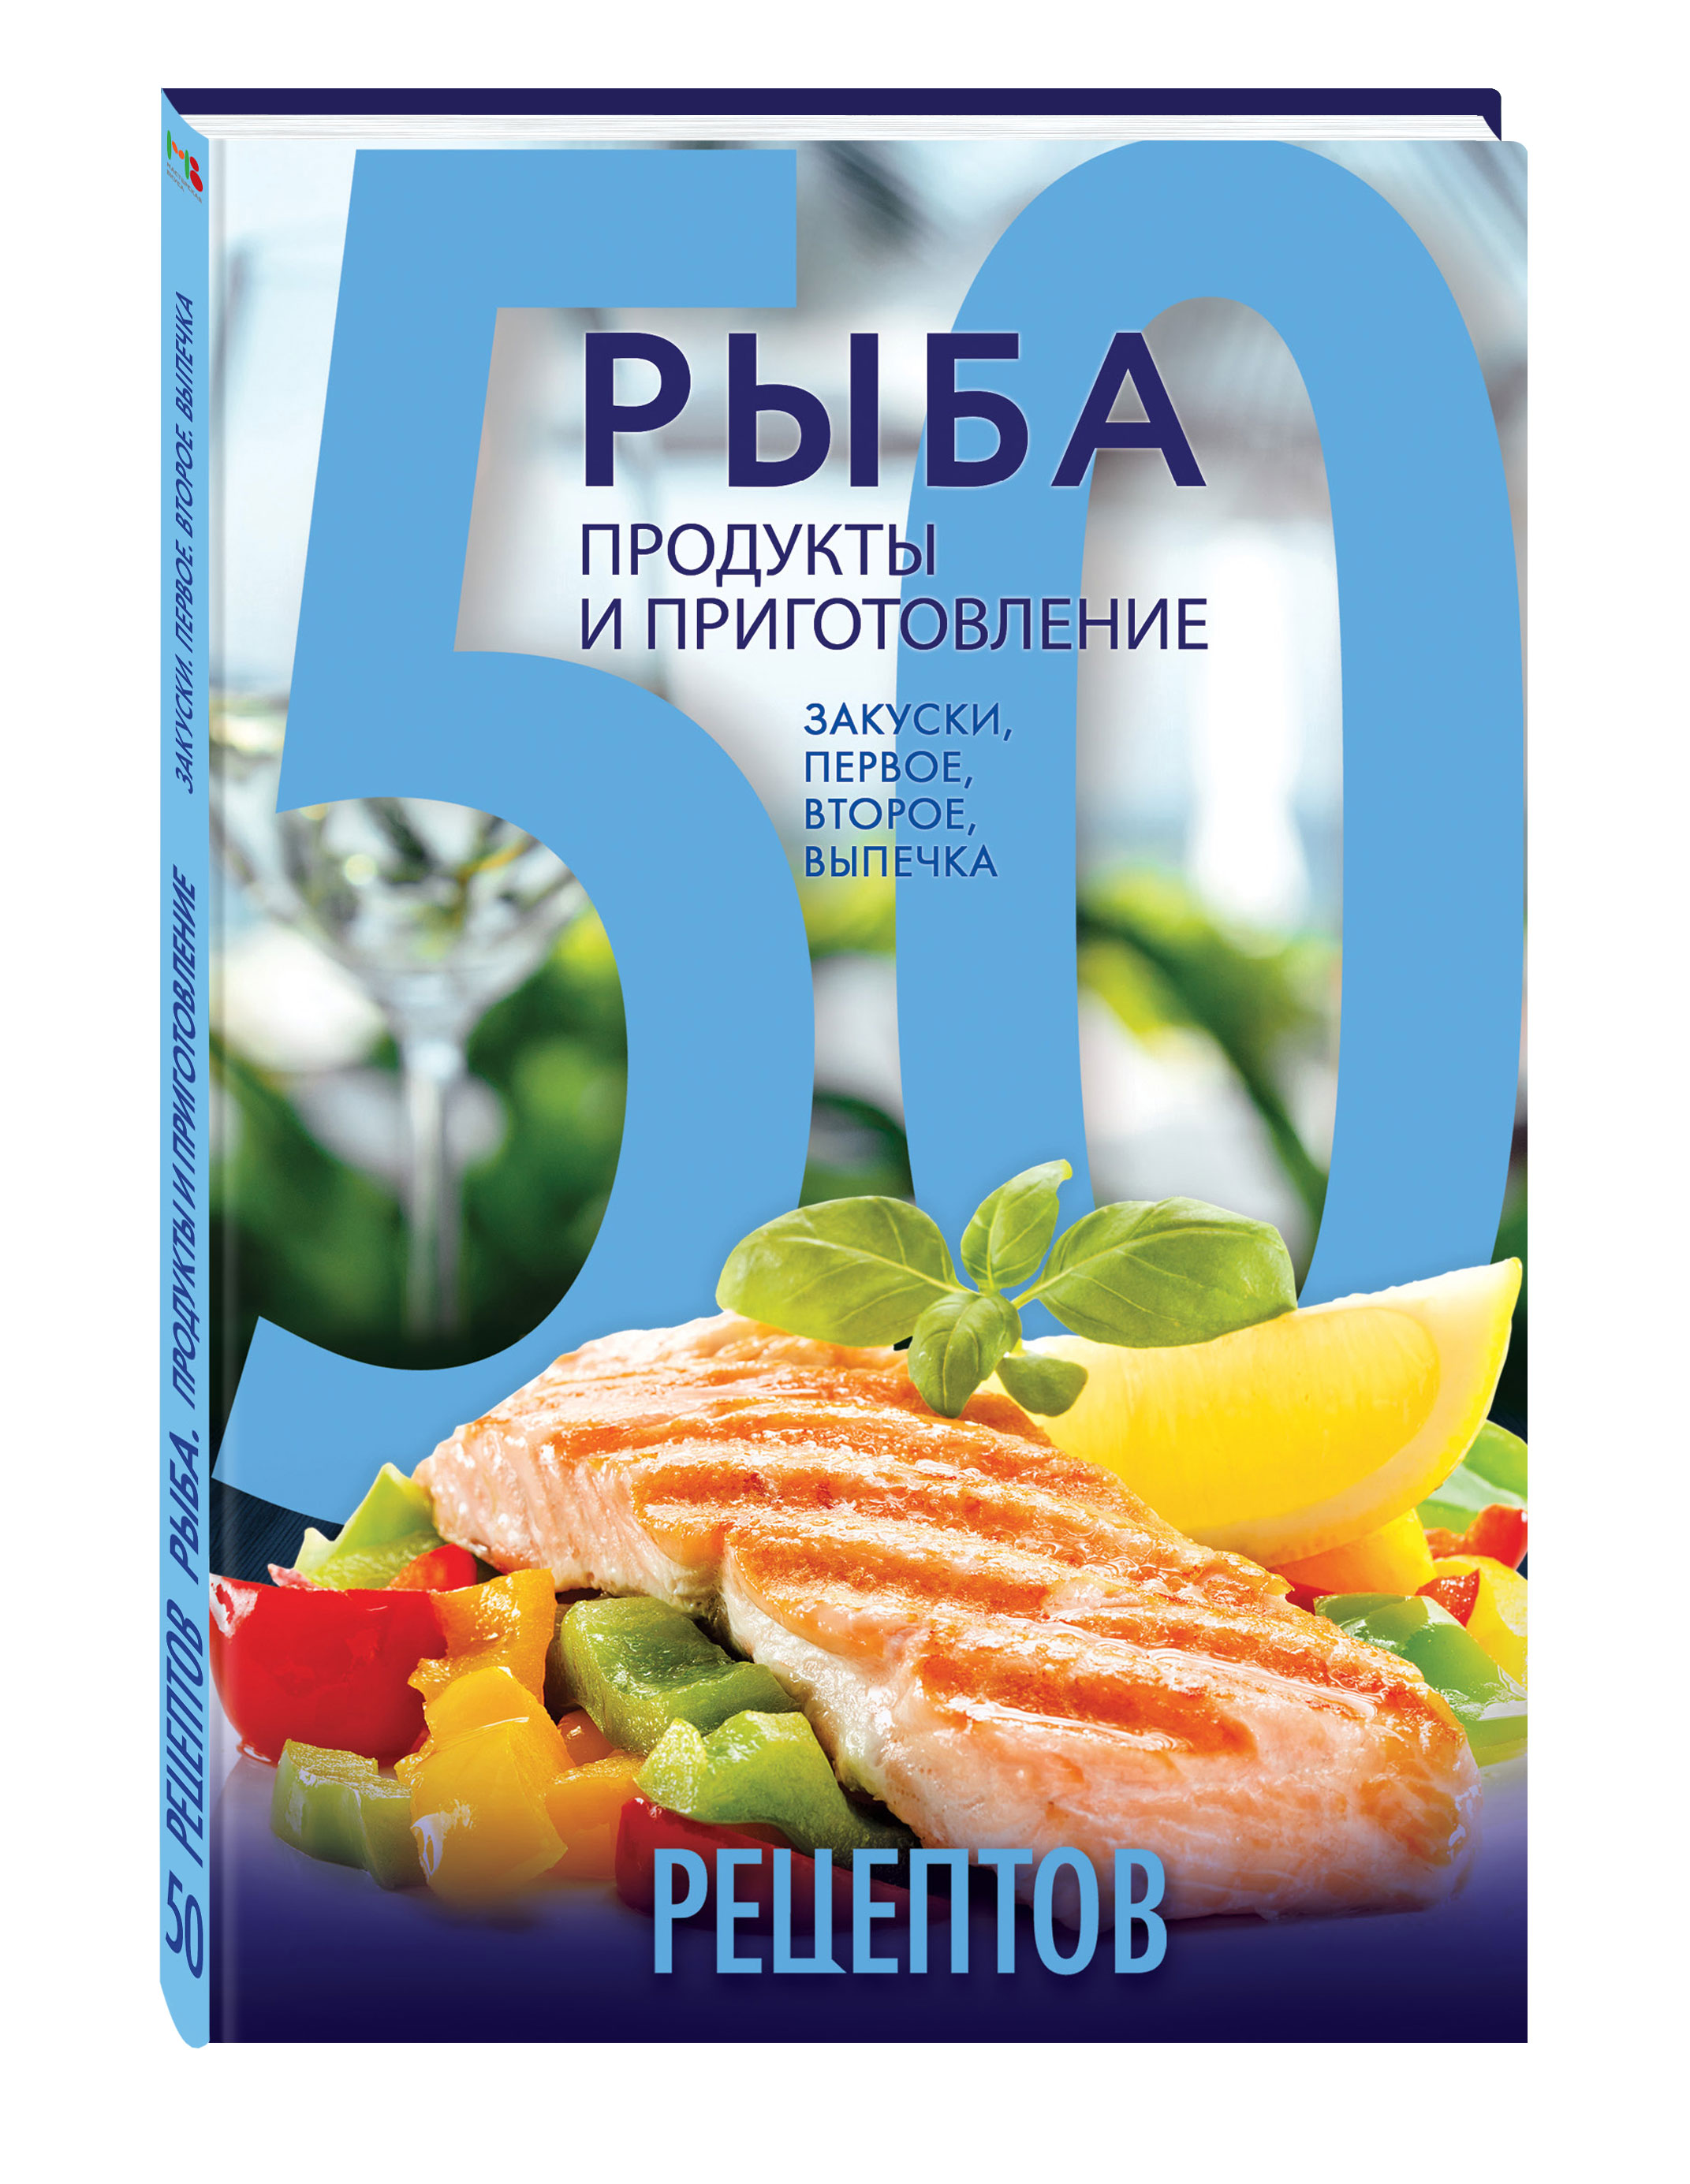 выпечка и приготовление 50 рецептов. Рыба. Продукты и приготовление. Закуски. Первое. Второе. Выпечка